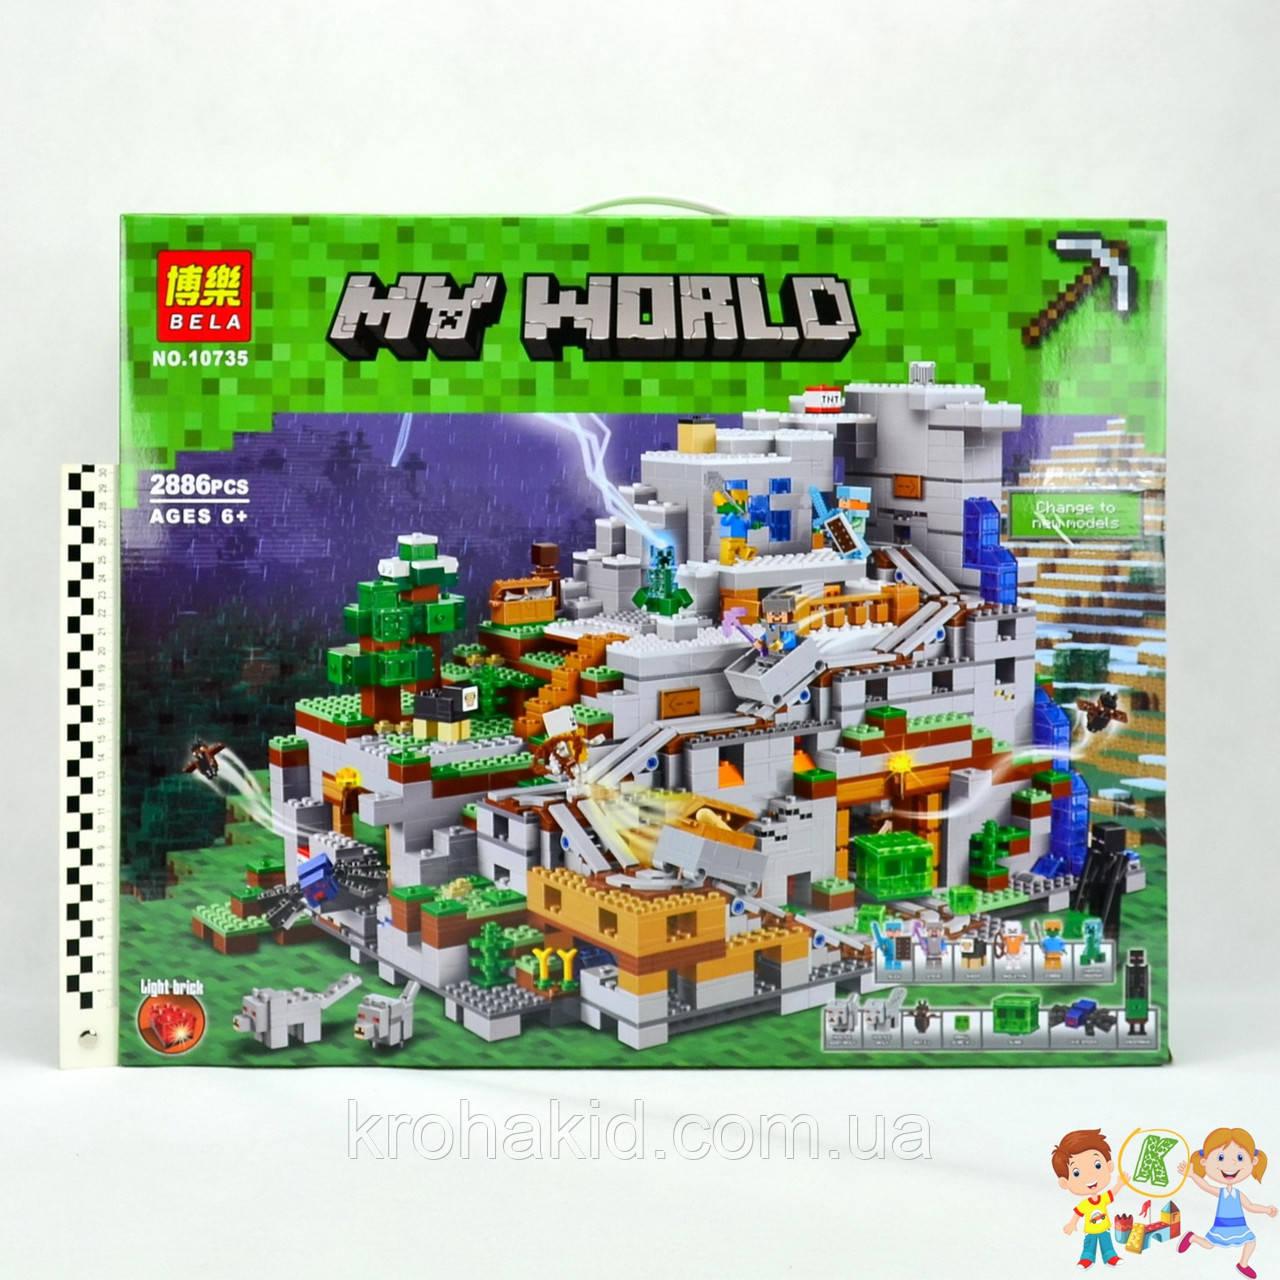 """Конструктор BELA 10735 My World """"Горная пещера"""" (аналог Lego Майнкрафт, Minecraft -21137), 2886 деталей"""